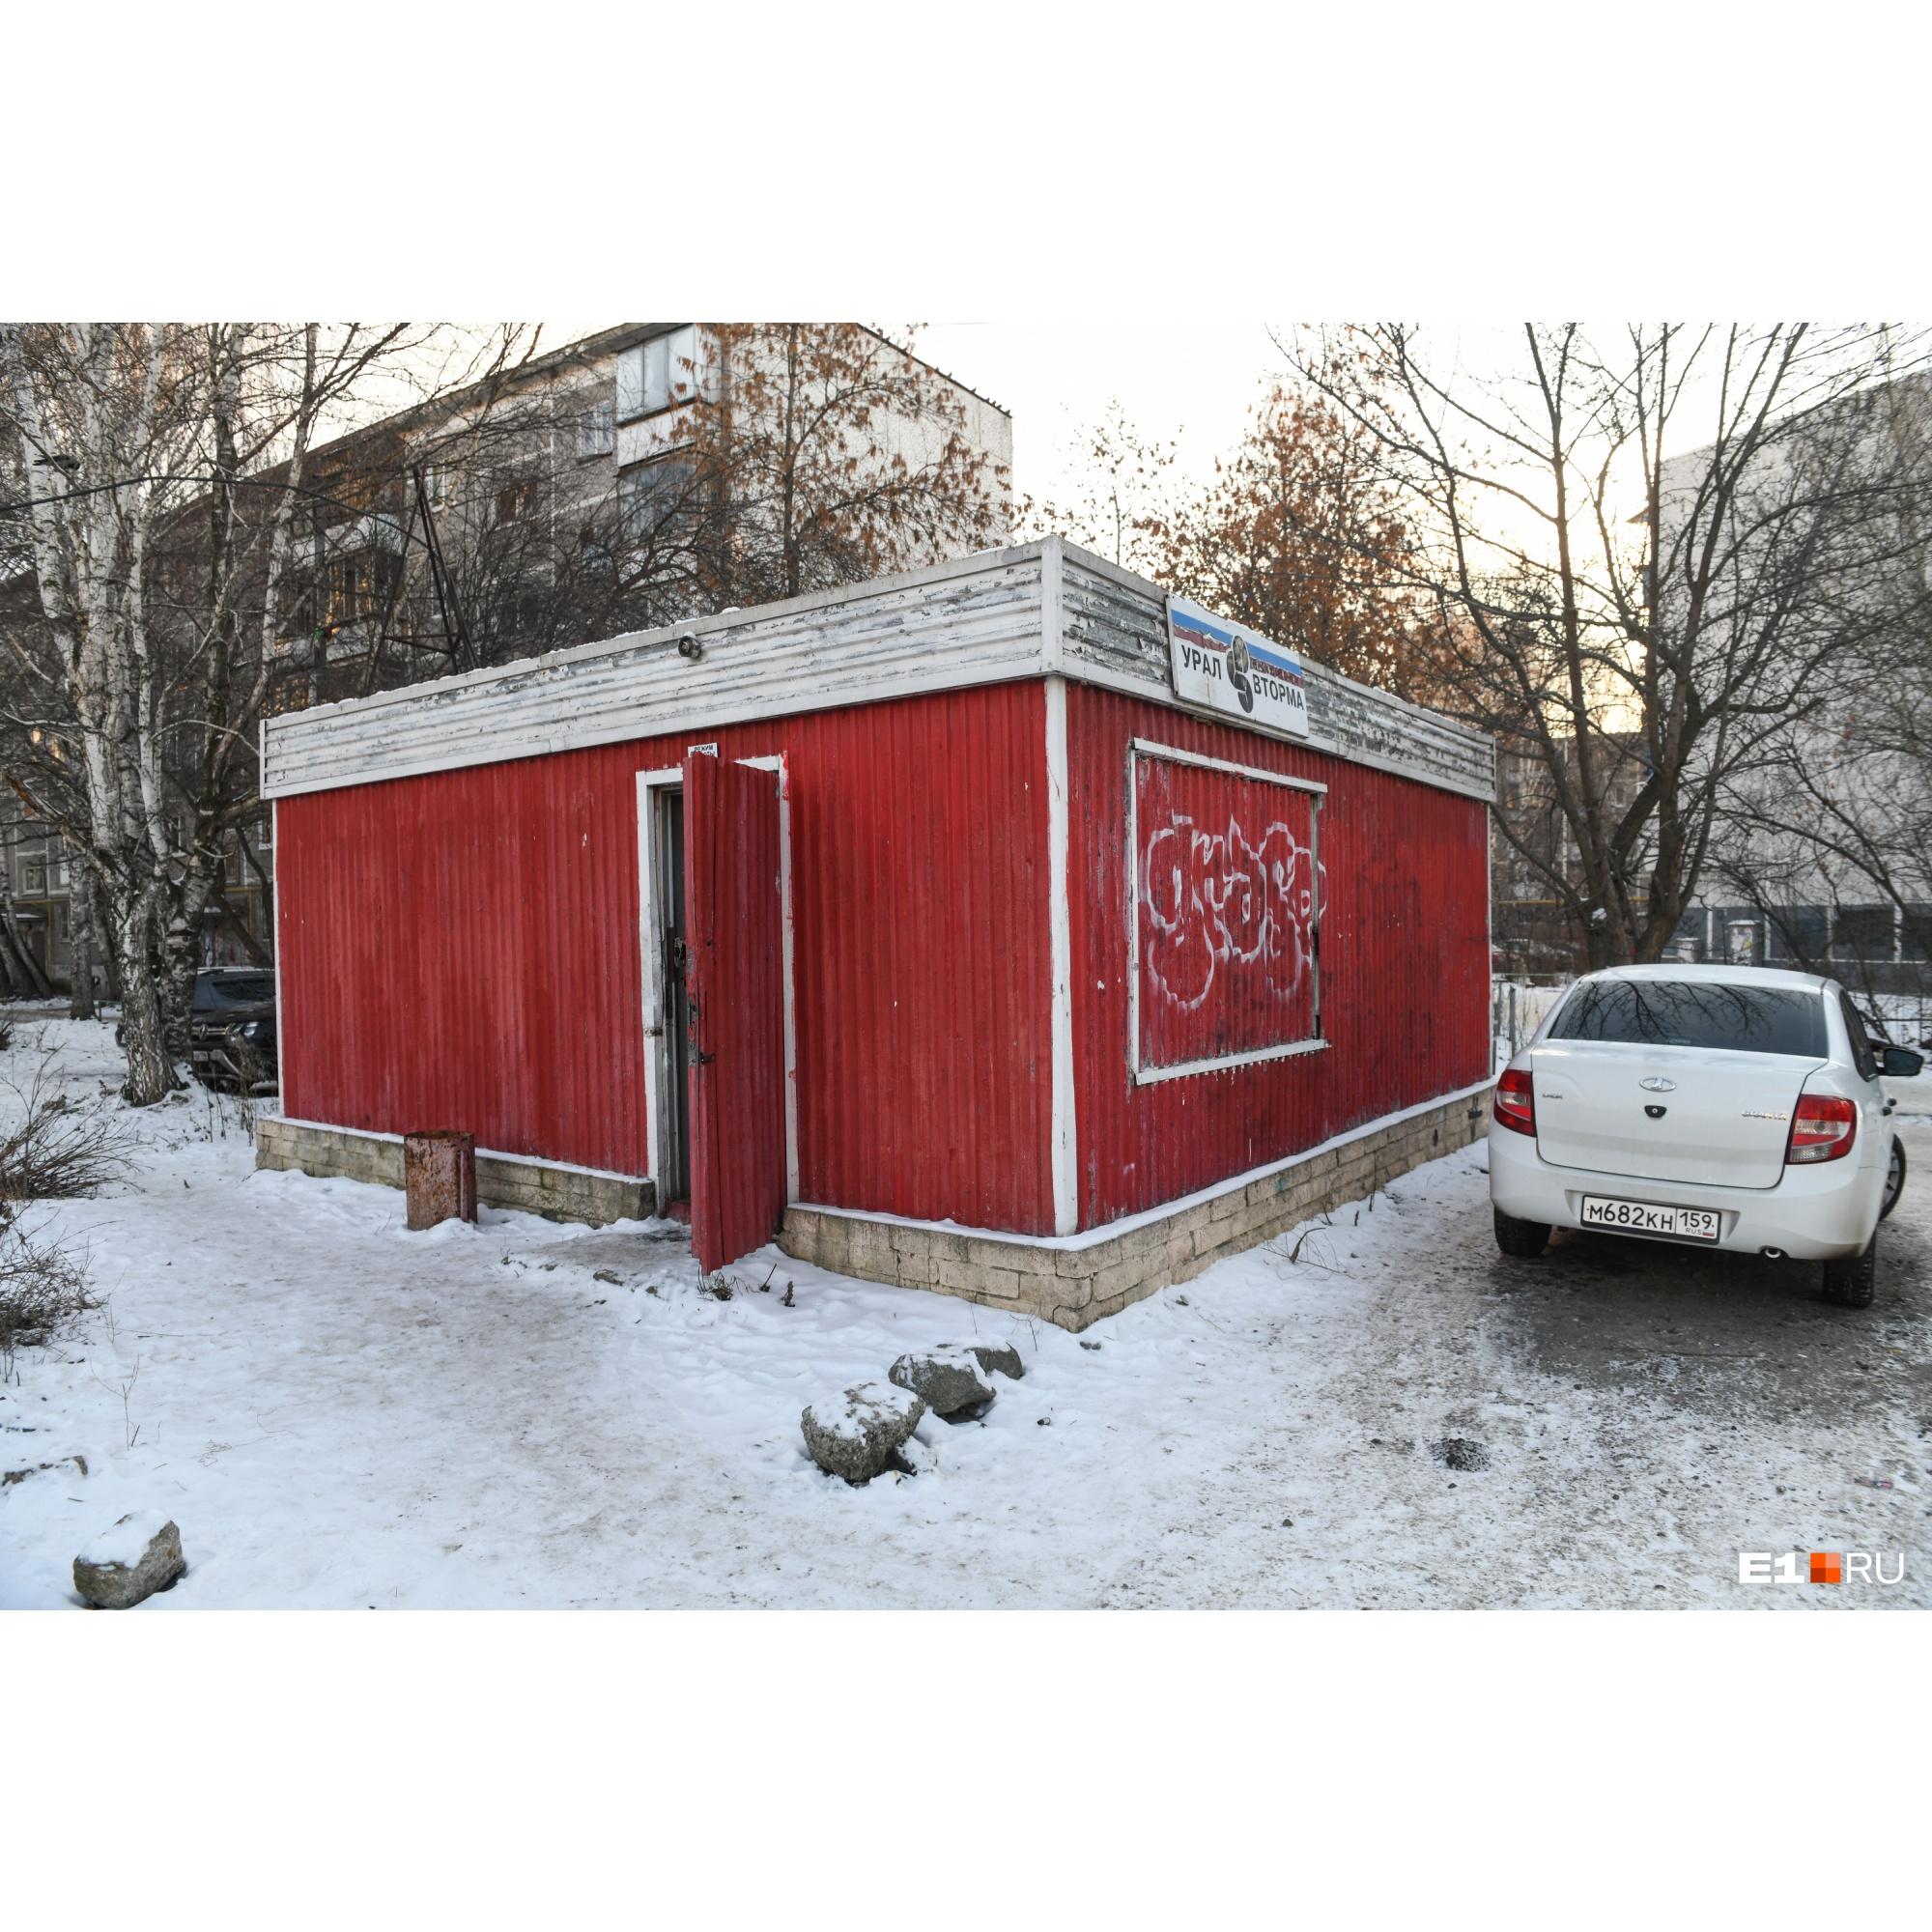 Красная будка для приема макулатуры стоит тут уже лет 30